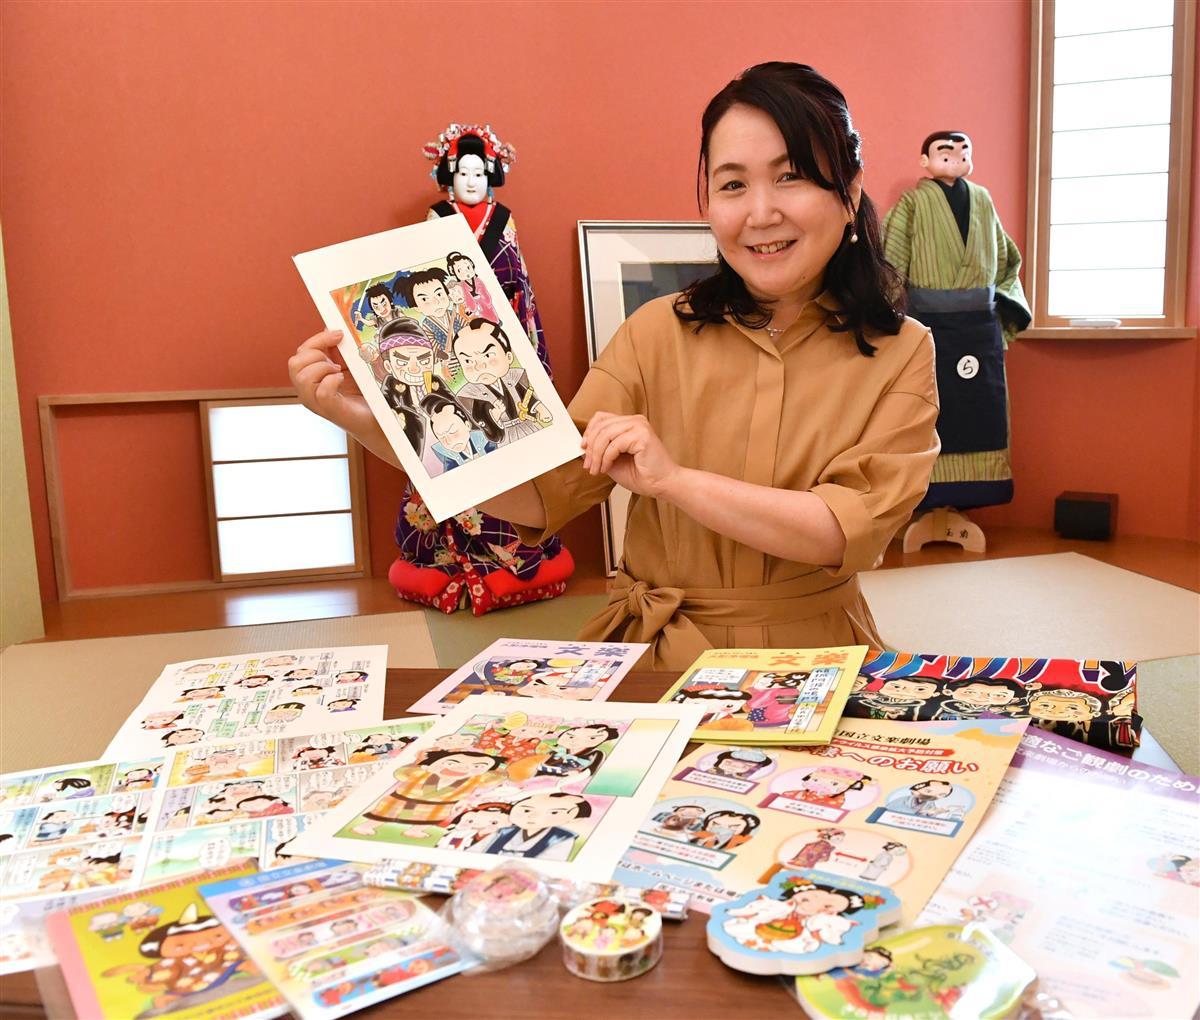 文楽の妻たちが生み出すポップなイラストや切り絵の魅力